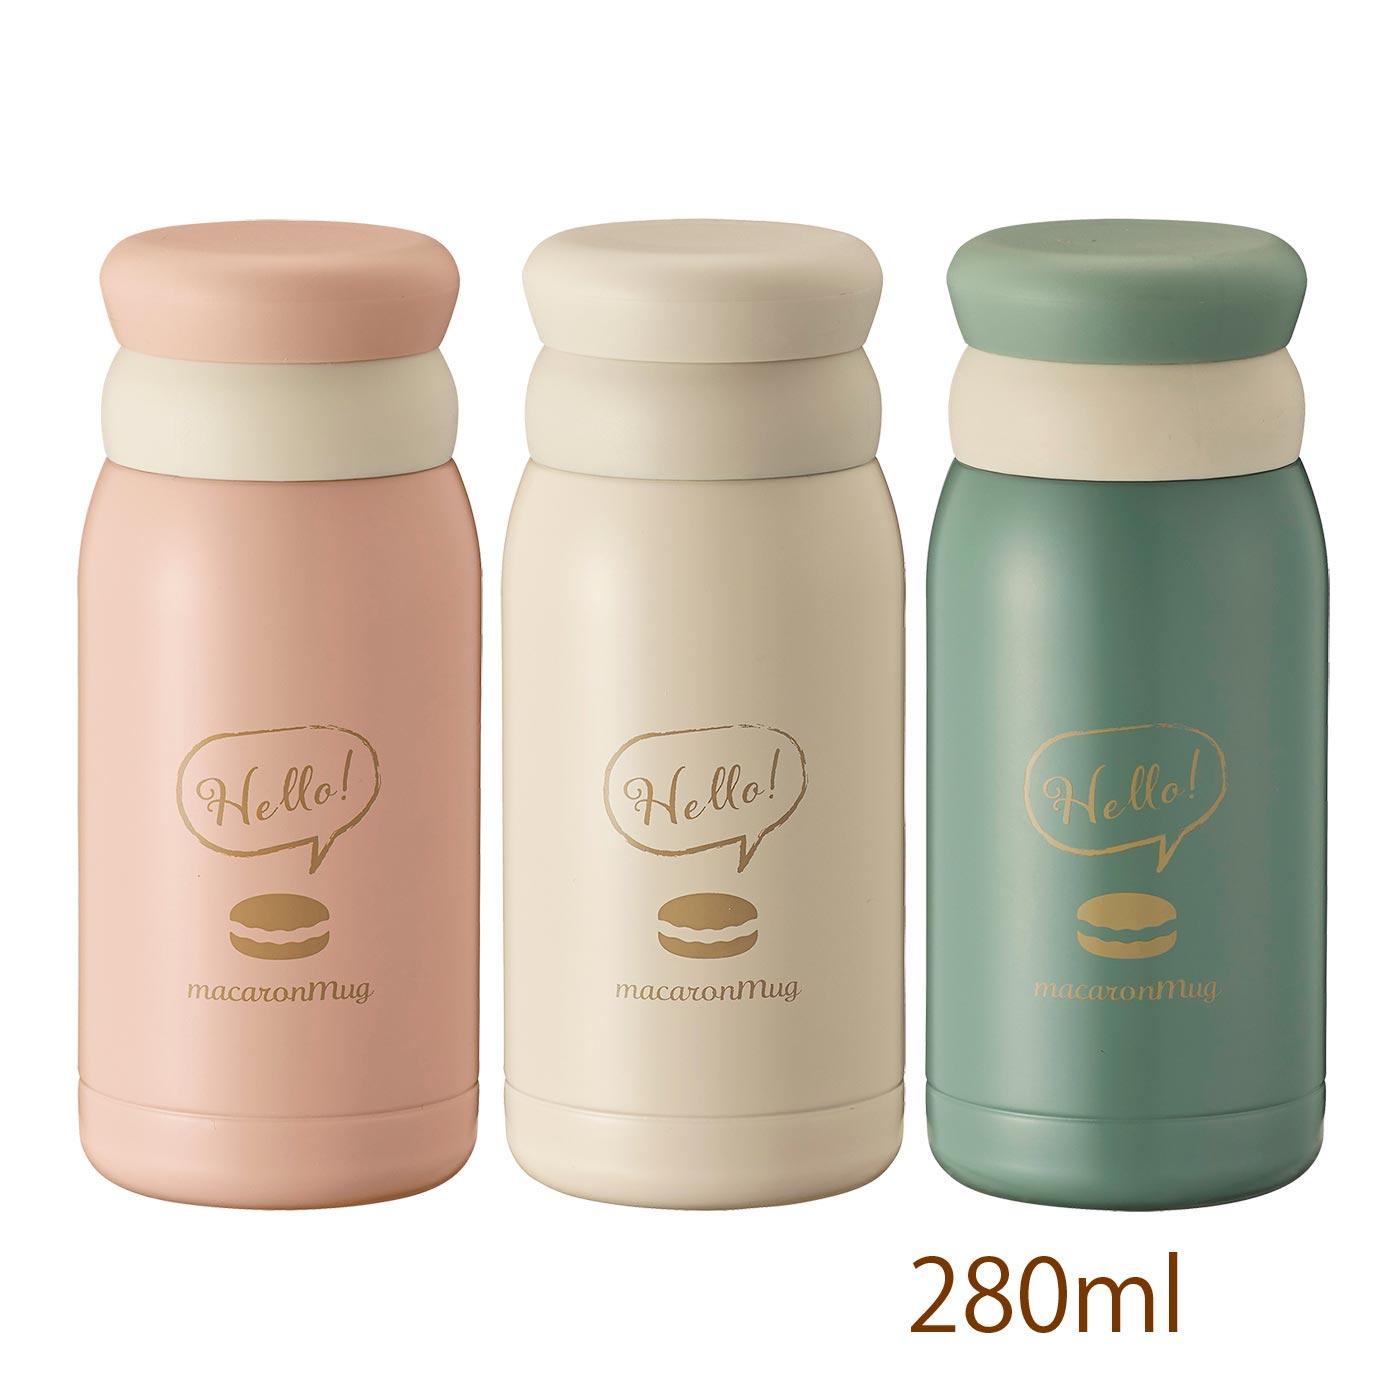 日本 ALLGO 馬卡龍造型不鏽鋼保溫瓶 280ml*夏日微風*